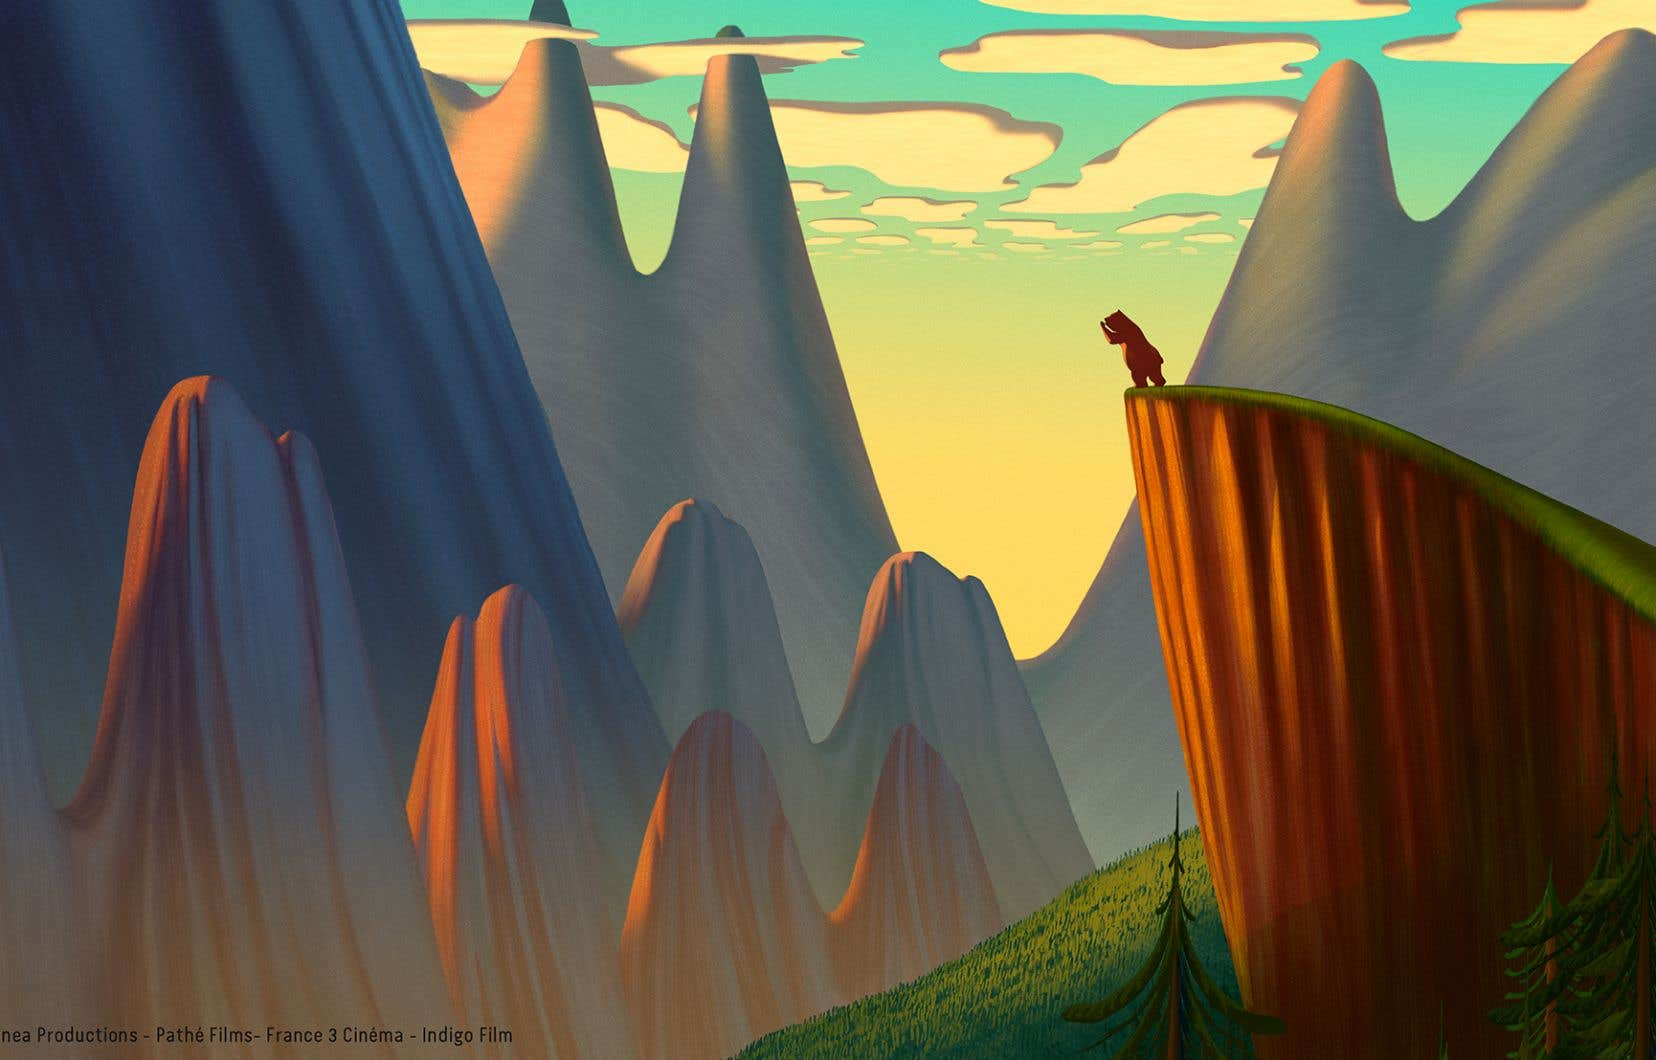 «La grande force visionnaire de Dino Buzzati reposait sur son graphisme, dont j'ai voulu utiliser la richesse pour rendre le dessin joyeux et poétique. Alpiniste, il venait de la Lombardie. À ses yeux, les montagnes siciliennes semblaient exotiques. Les ours pouvaient y parler aux hommes», explique Lorenzo Mattotti.